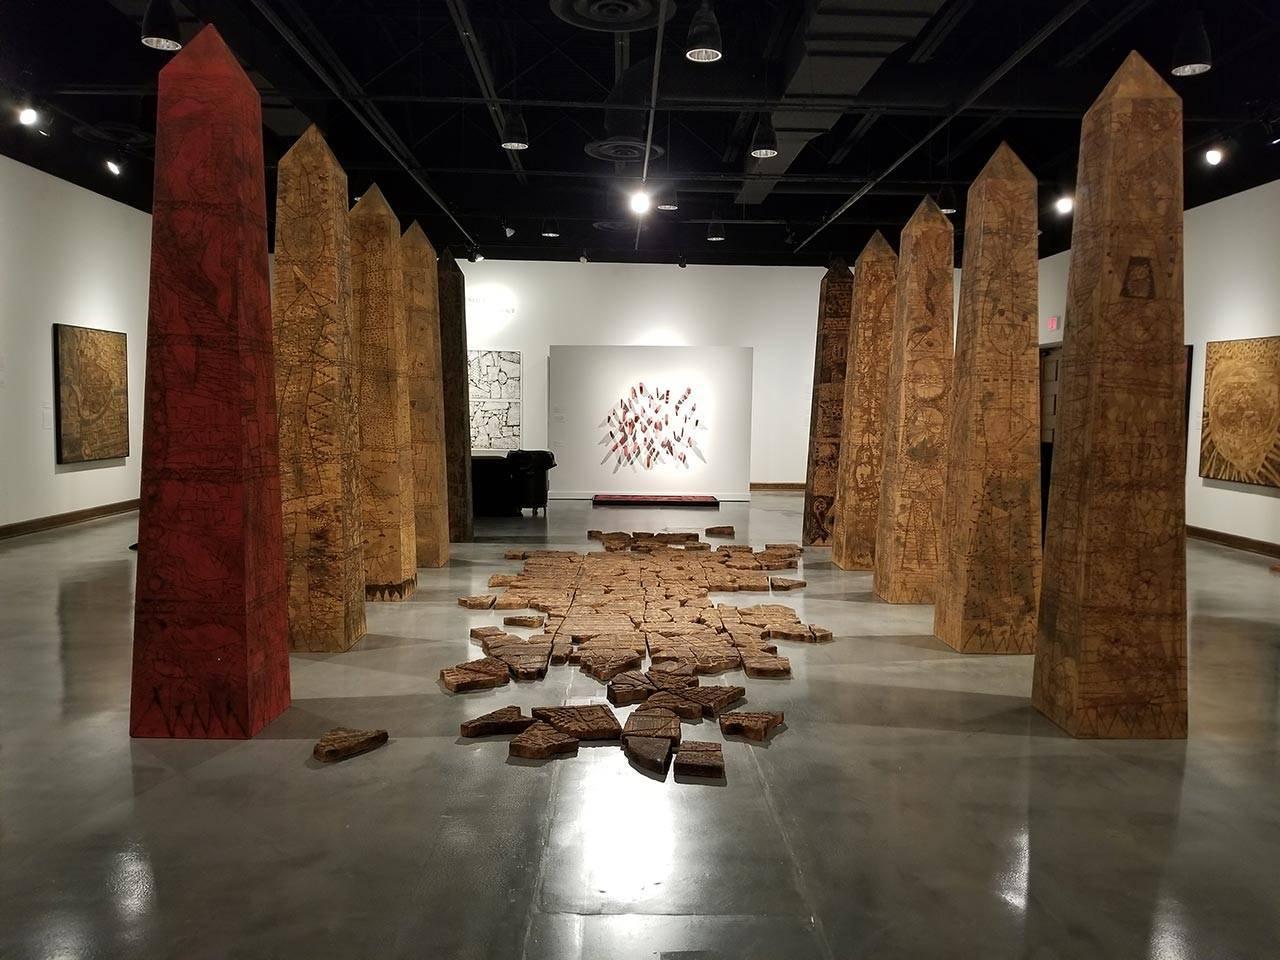 מוזיאון התנ״ך, דאלאס, 2020